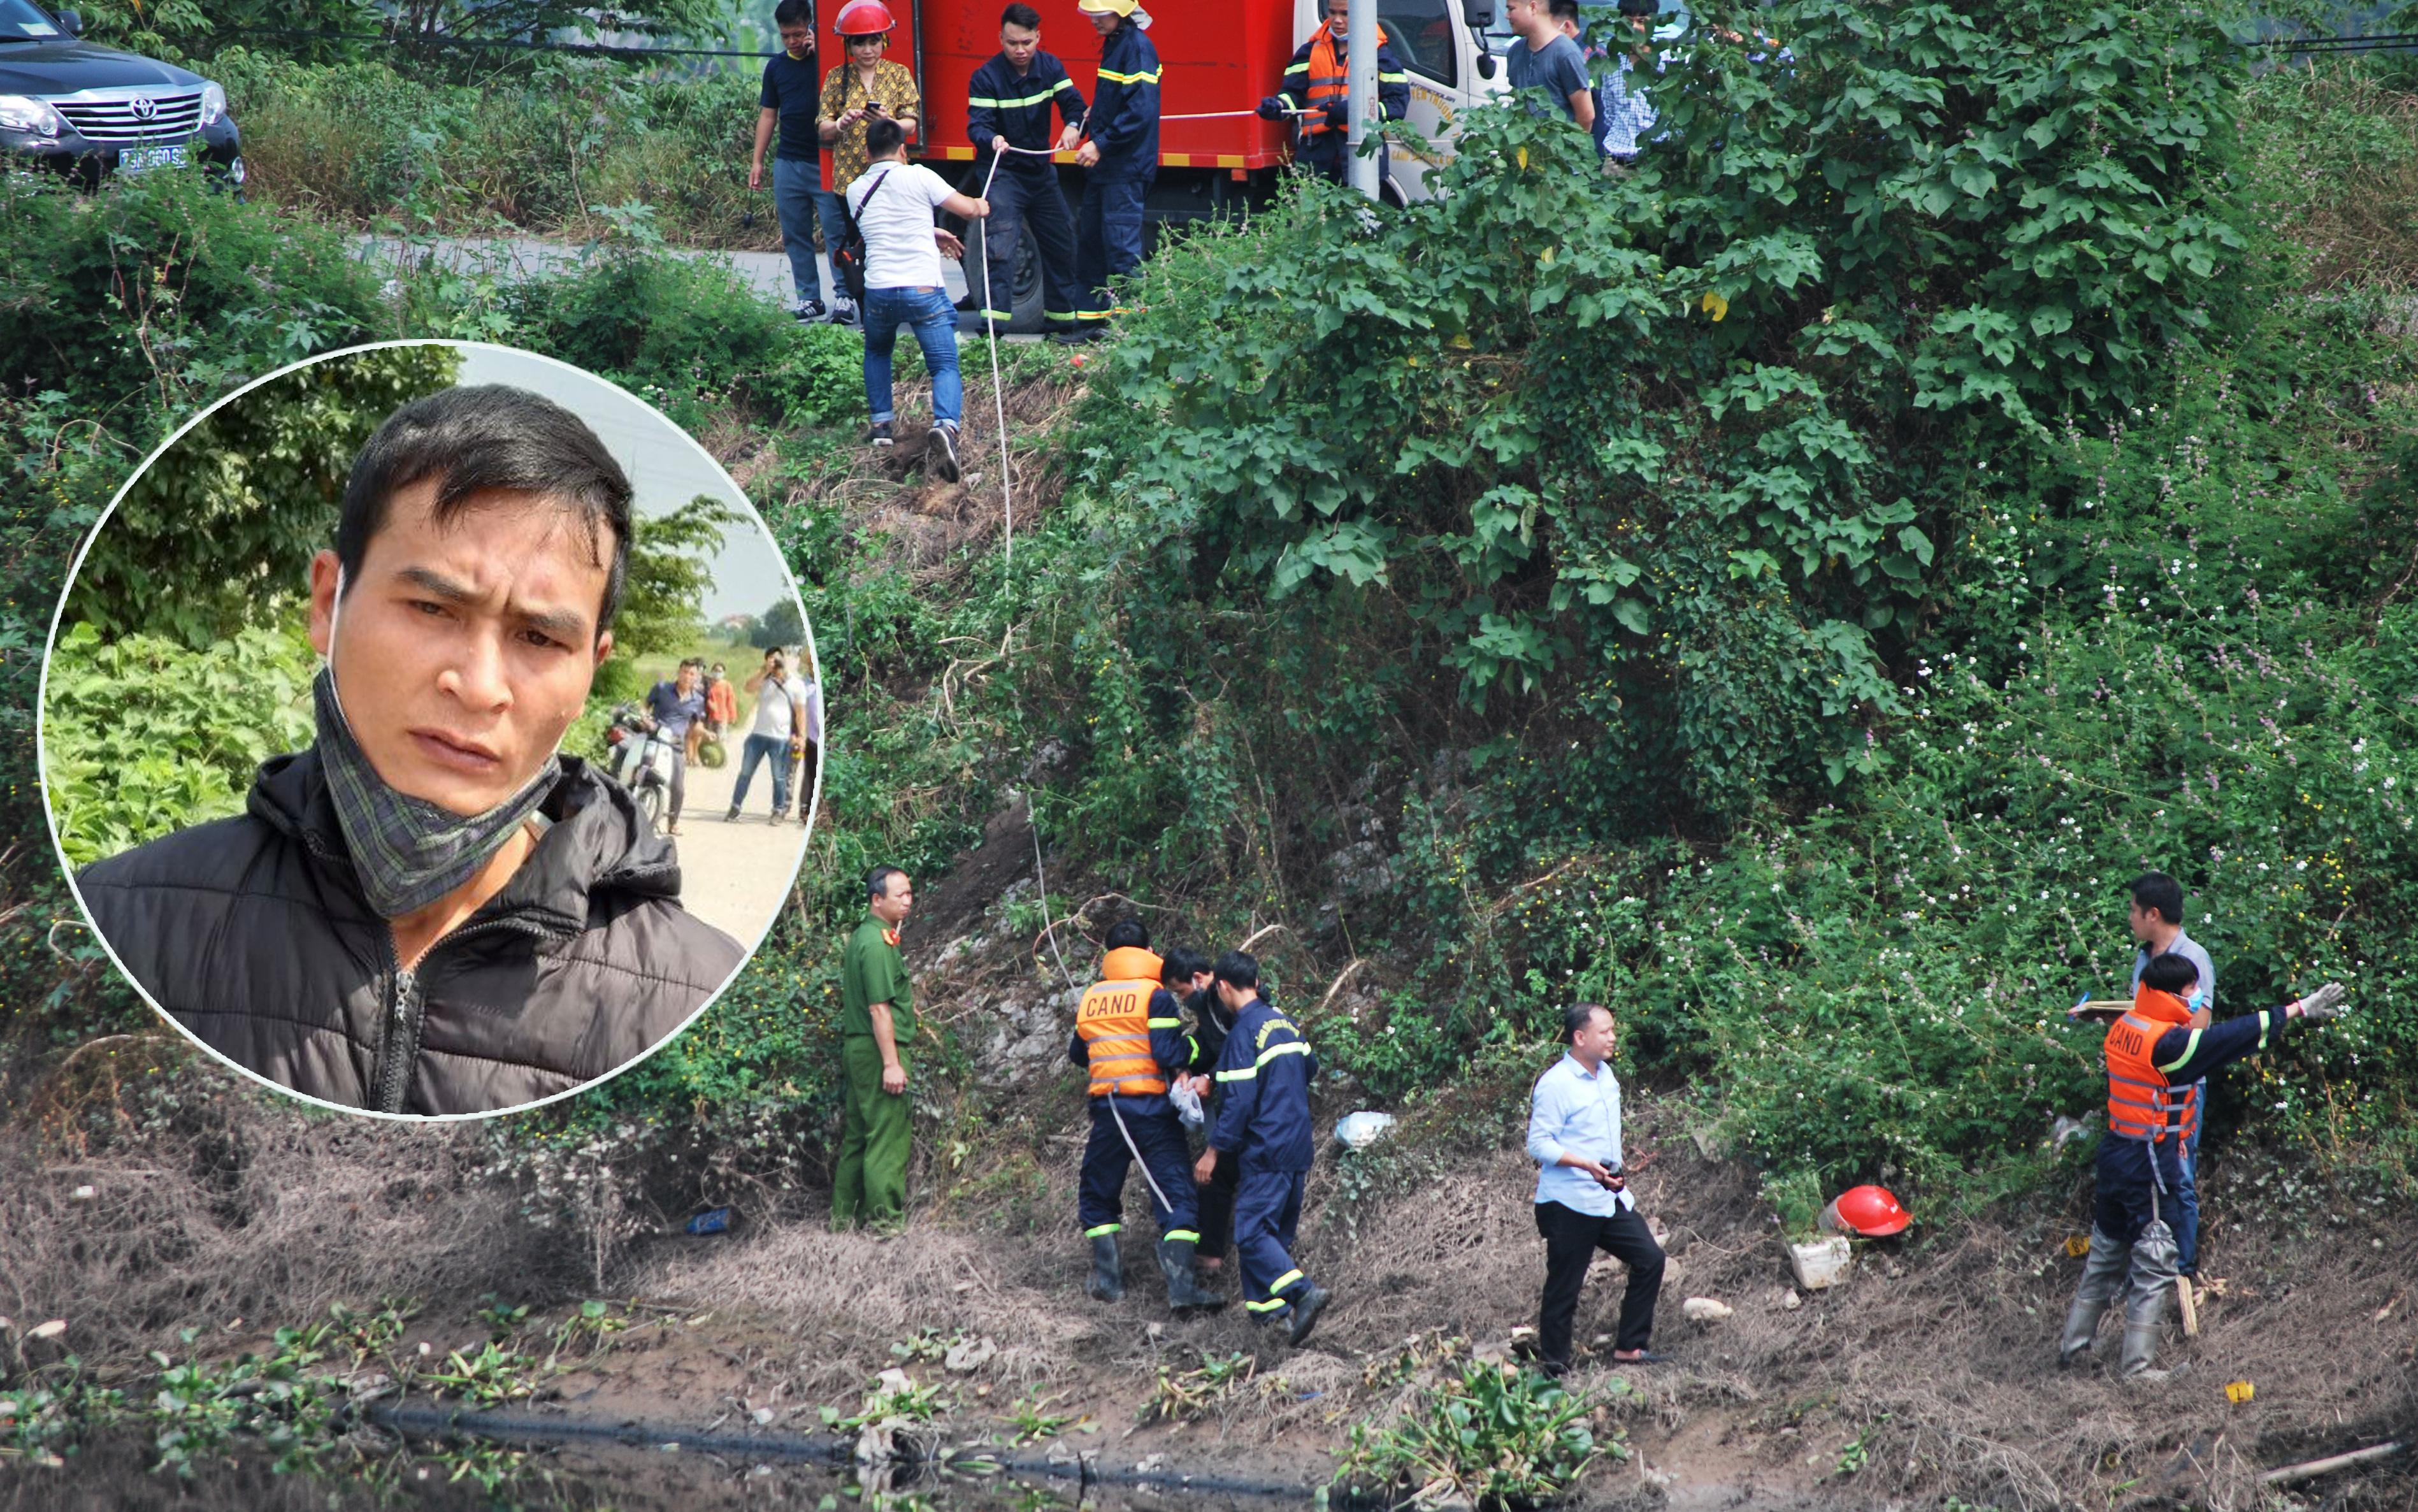 Vụ phát hiện thi thể nữ sinh Học viện Ngân hàng sau 4 ngày mất tích: 2 đối tượng cướp điện thoại rồi đẩy nạn nhân xuống sông